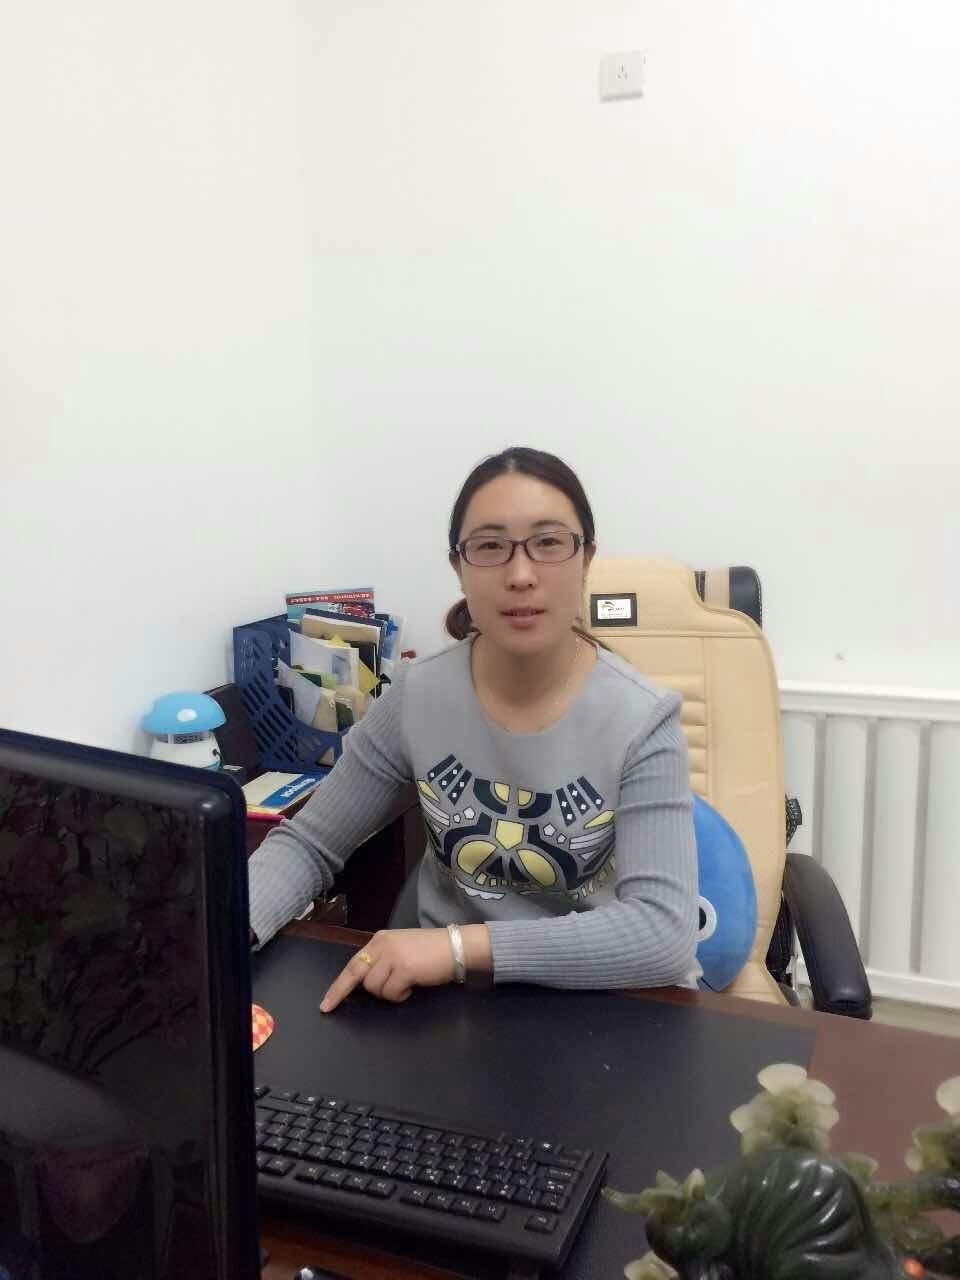 银川到玉林物流专线(银川市兴庆区宇浩鑫货运信息部)